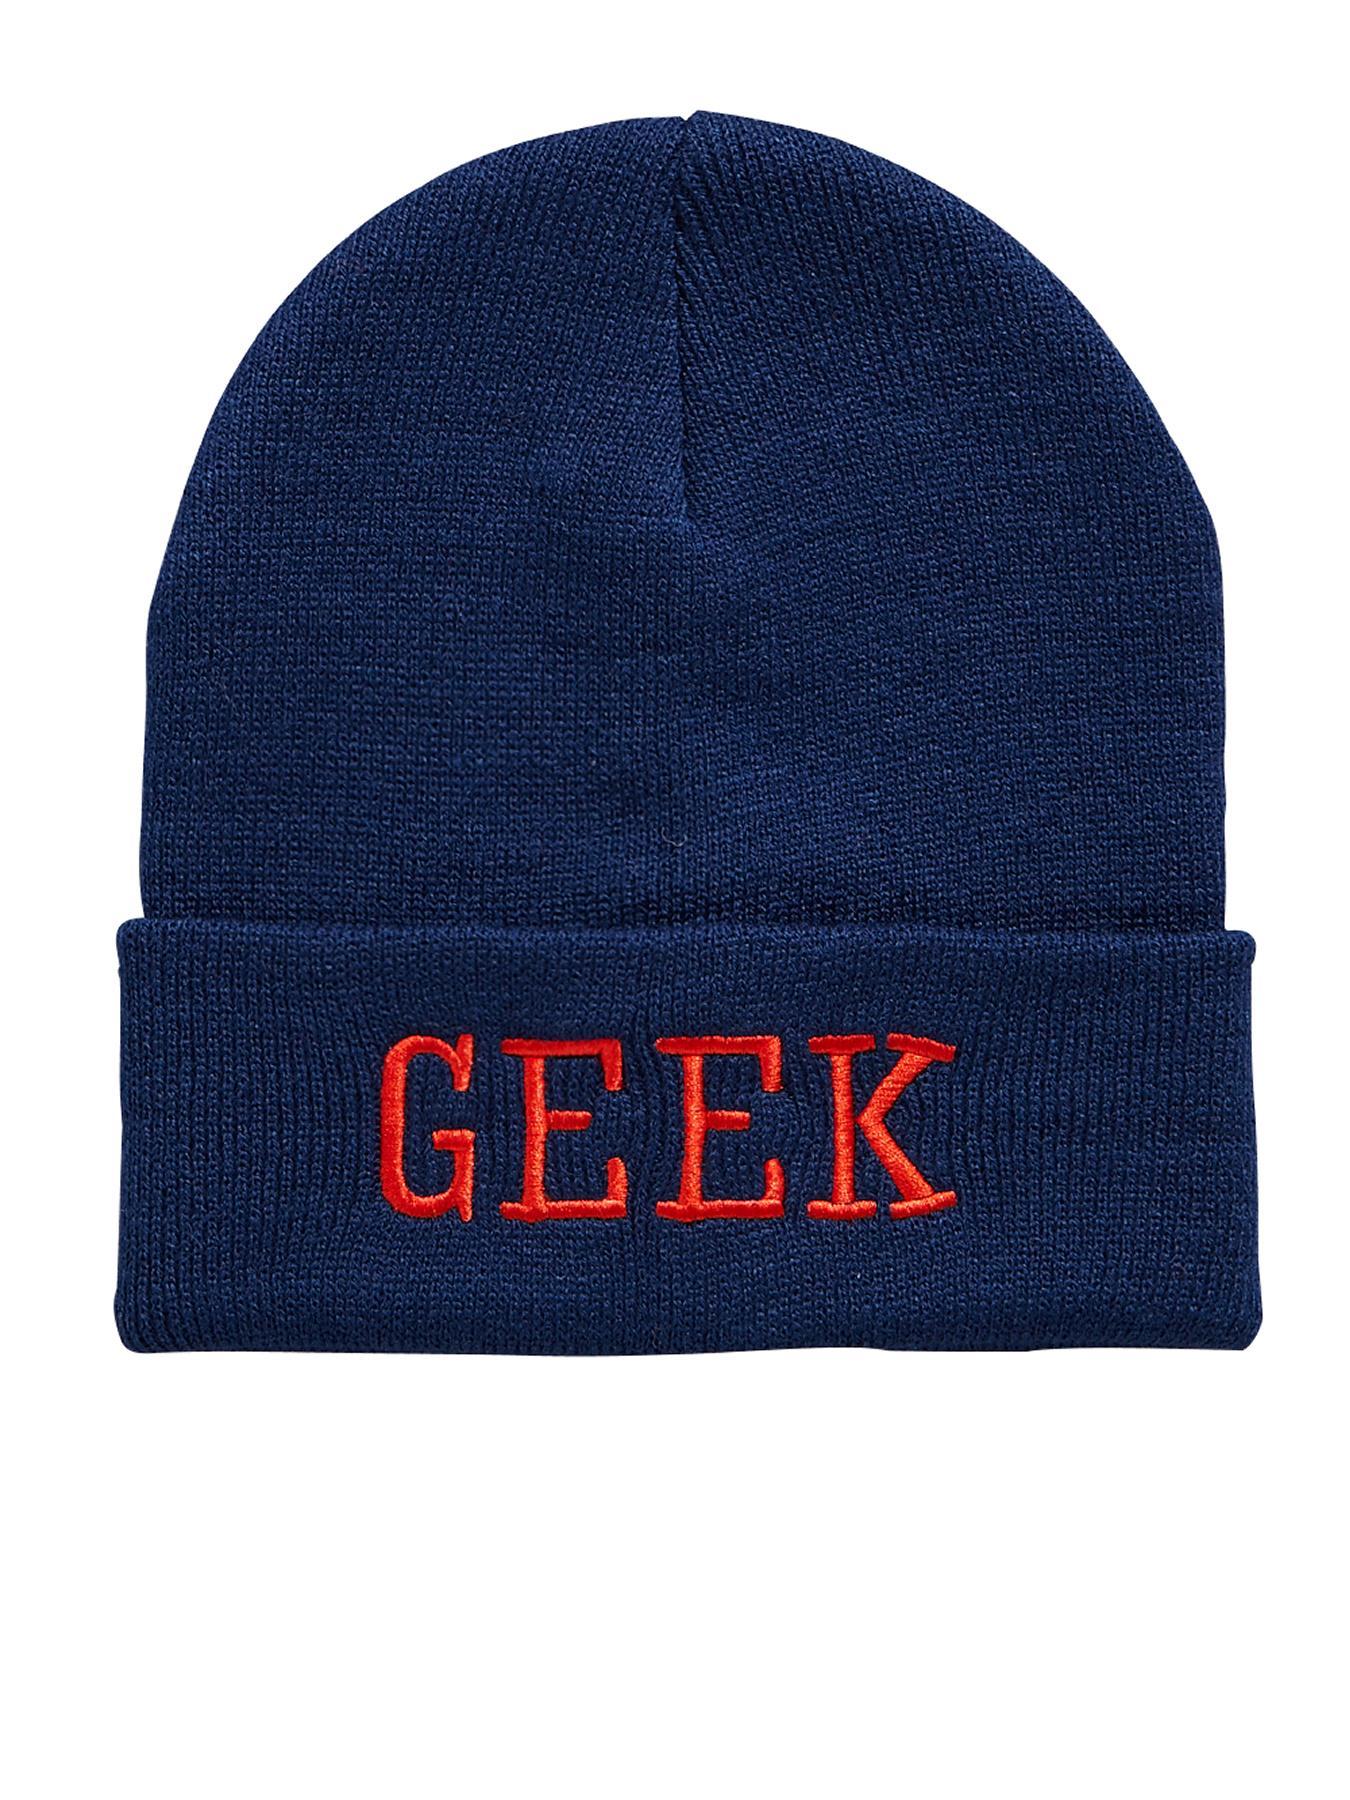 Slogan Beanie - Geek, Navy at Littlewoods